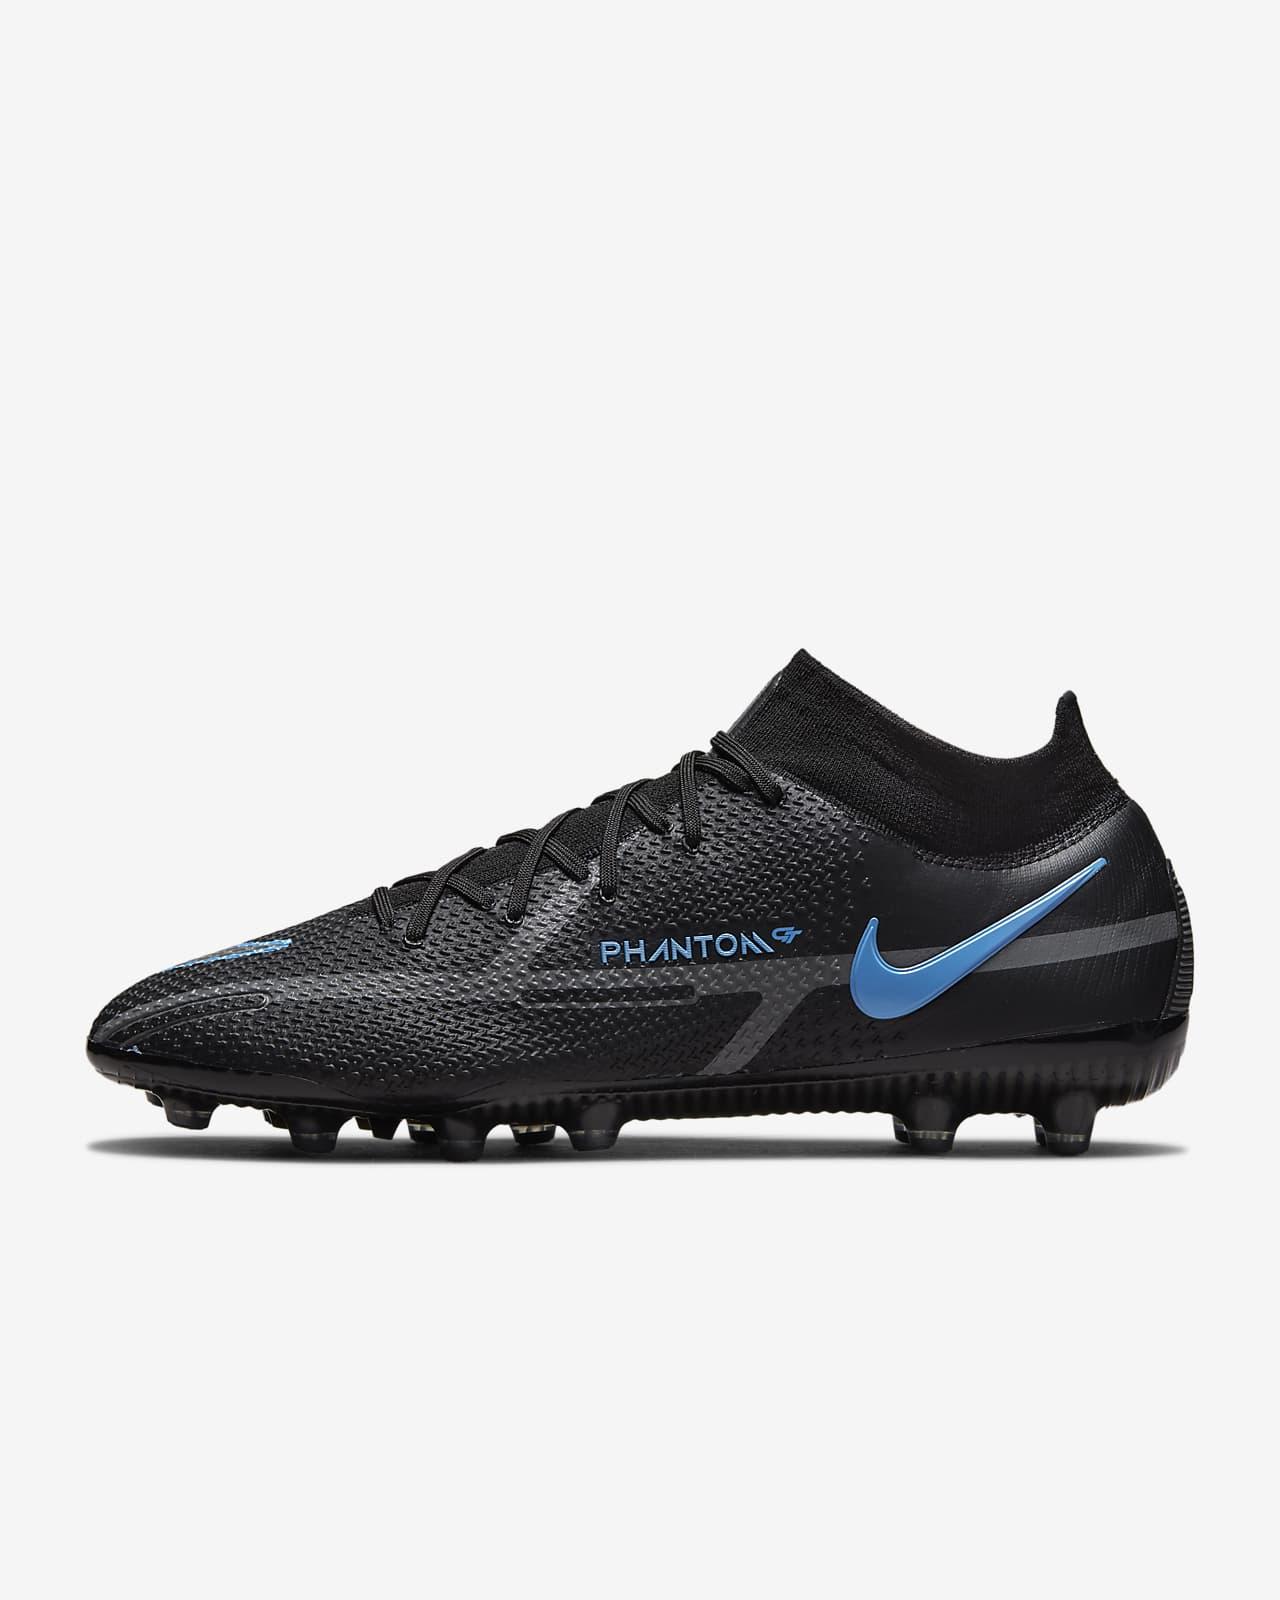 Nike Phantom GT2 Dynamic Fit Elite AG-Pro Fußballschuh für Kunstrasen